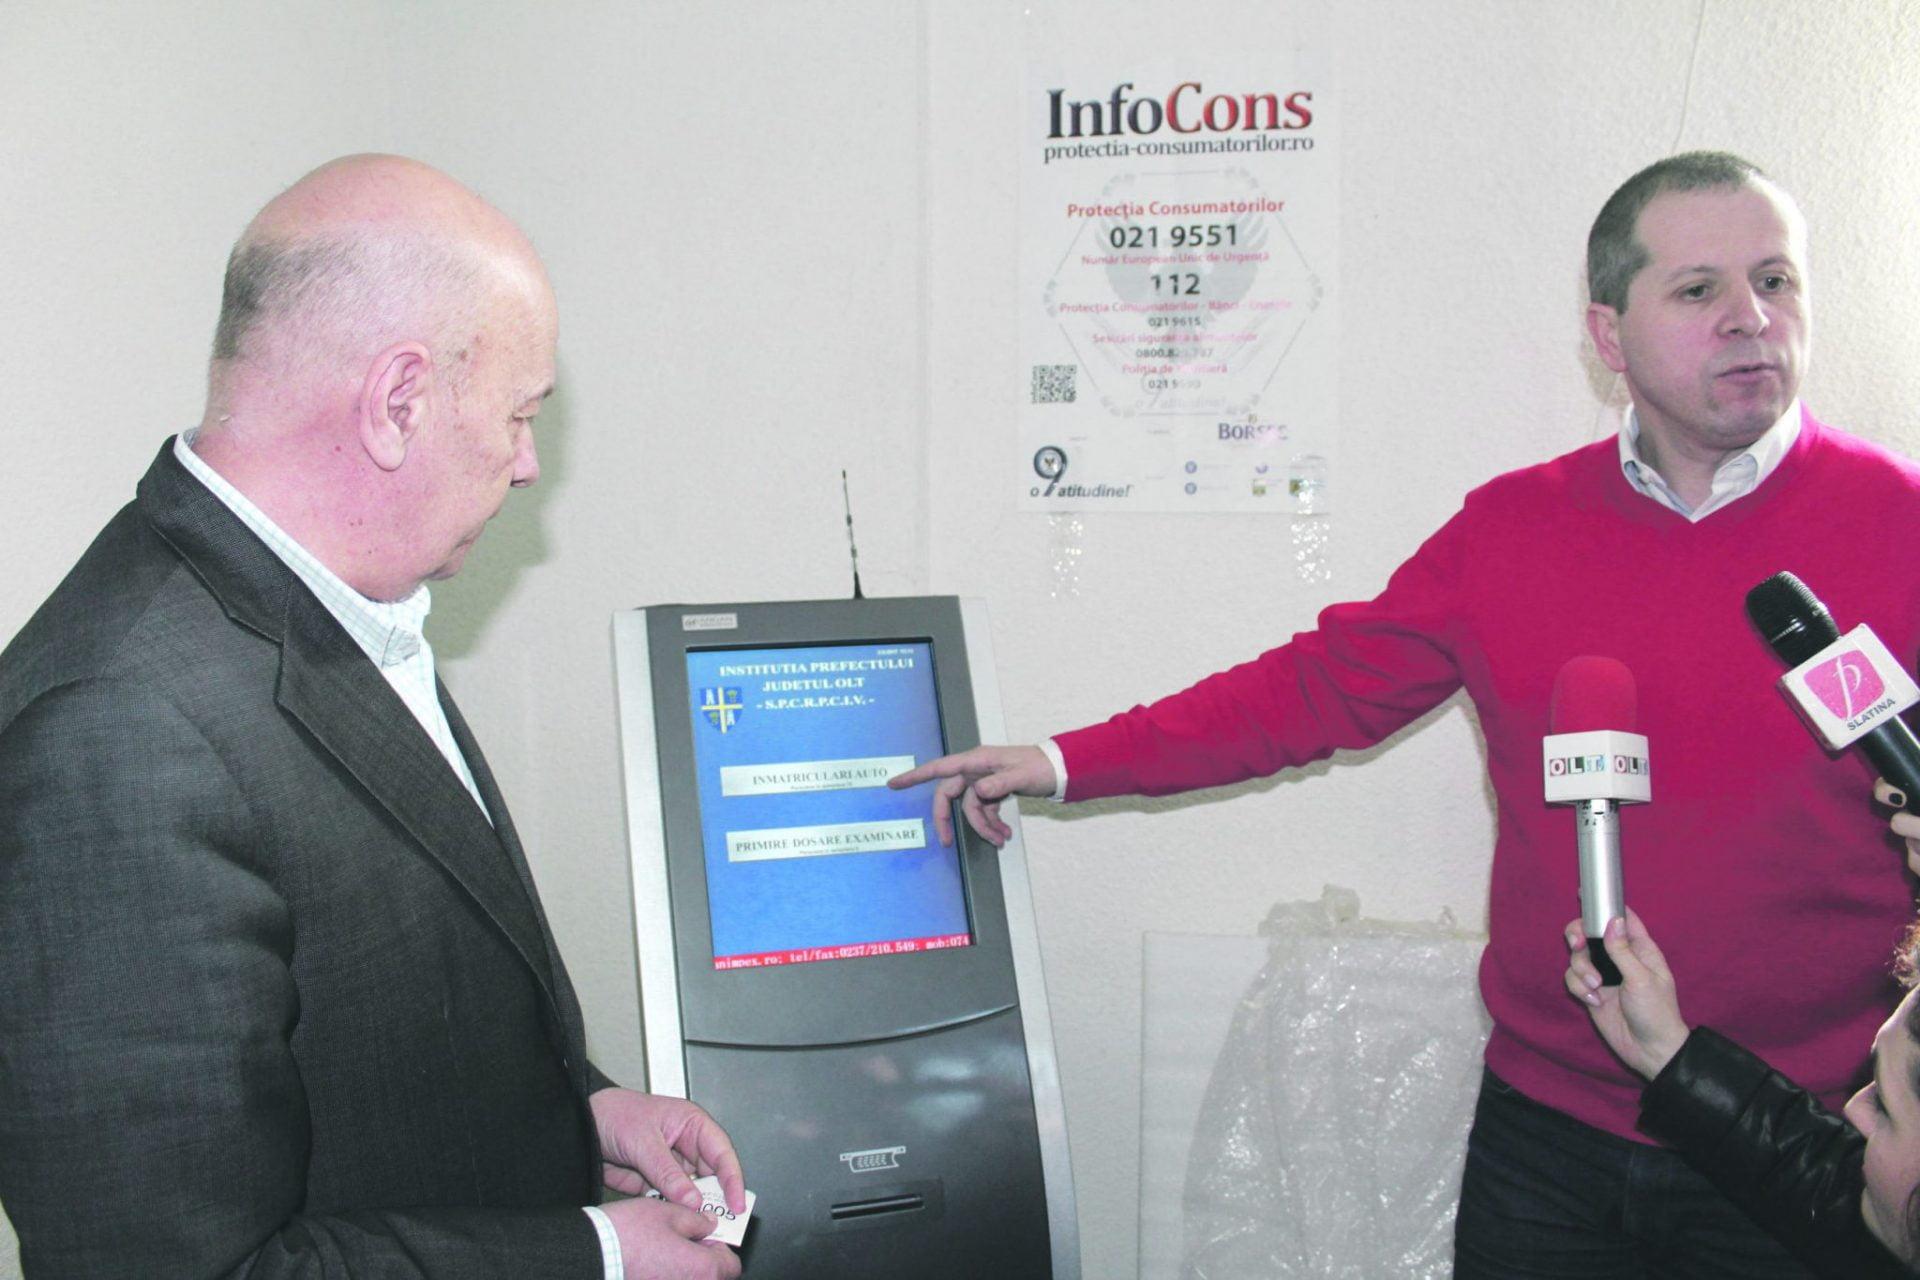 Sistem electronic de programări la Serviciul de Înmatriculări şi Permise Olt. Se pregăteşte programarea online